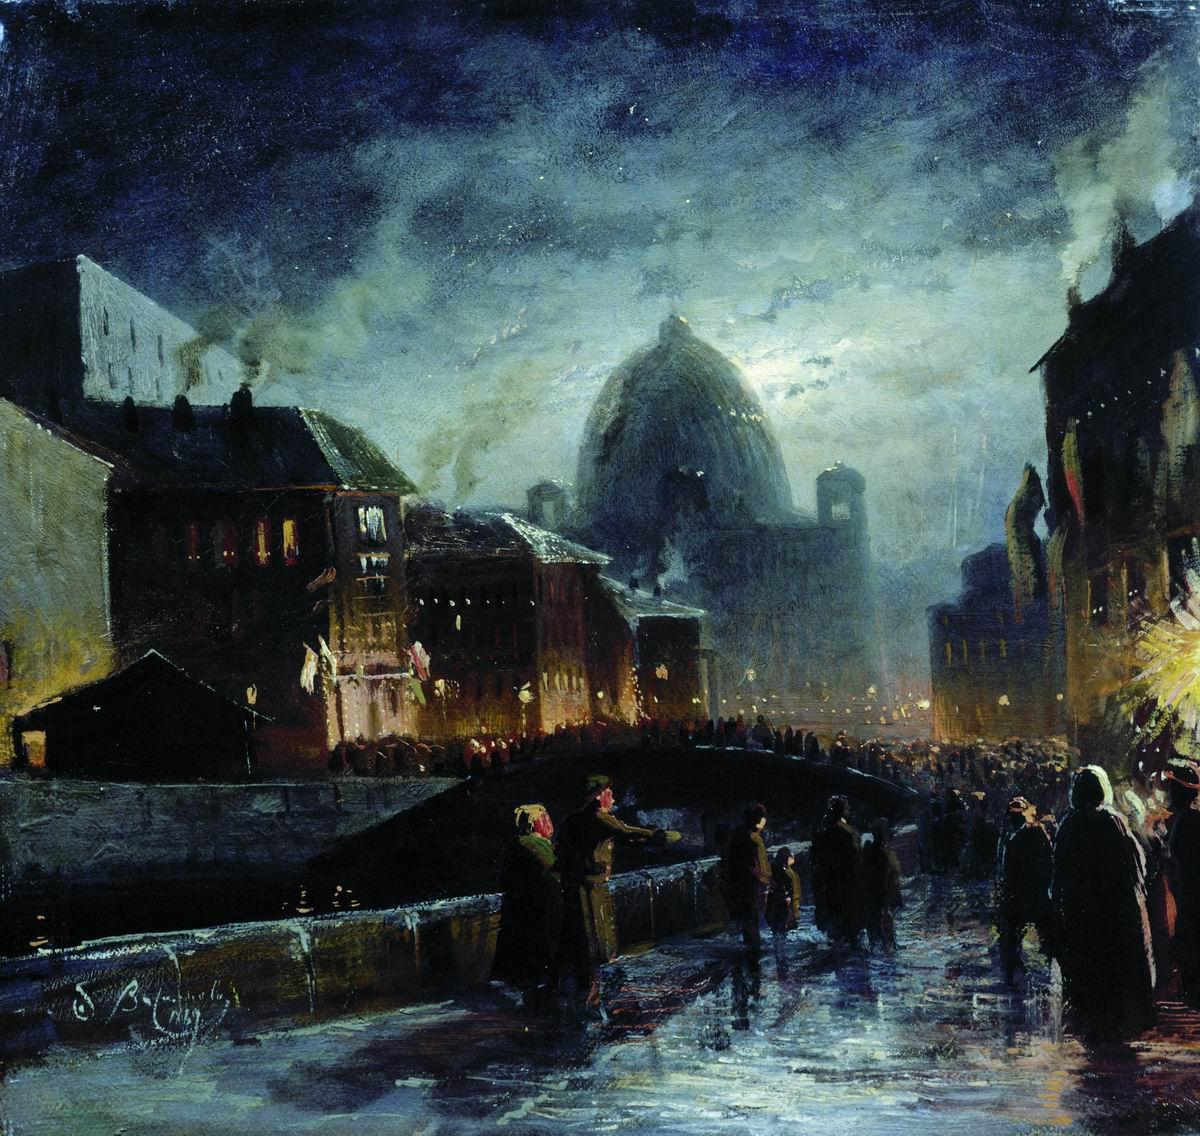 """Първото улично осветление в Русия се появява в Санкт Петербург. Събитието е свързано с датата 23 ноември 1706 година. Оттогава на всяко голямо тържество по фасадите на сградите на четирите главни улици в града се окачват фенери. / """"Светлините на Санкт Петербург"""", Фьодор Василев."""